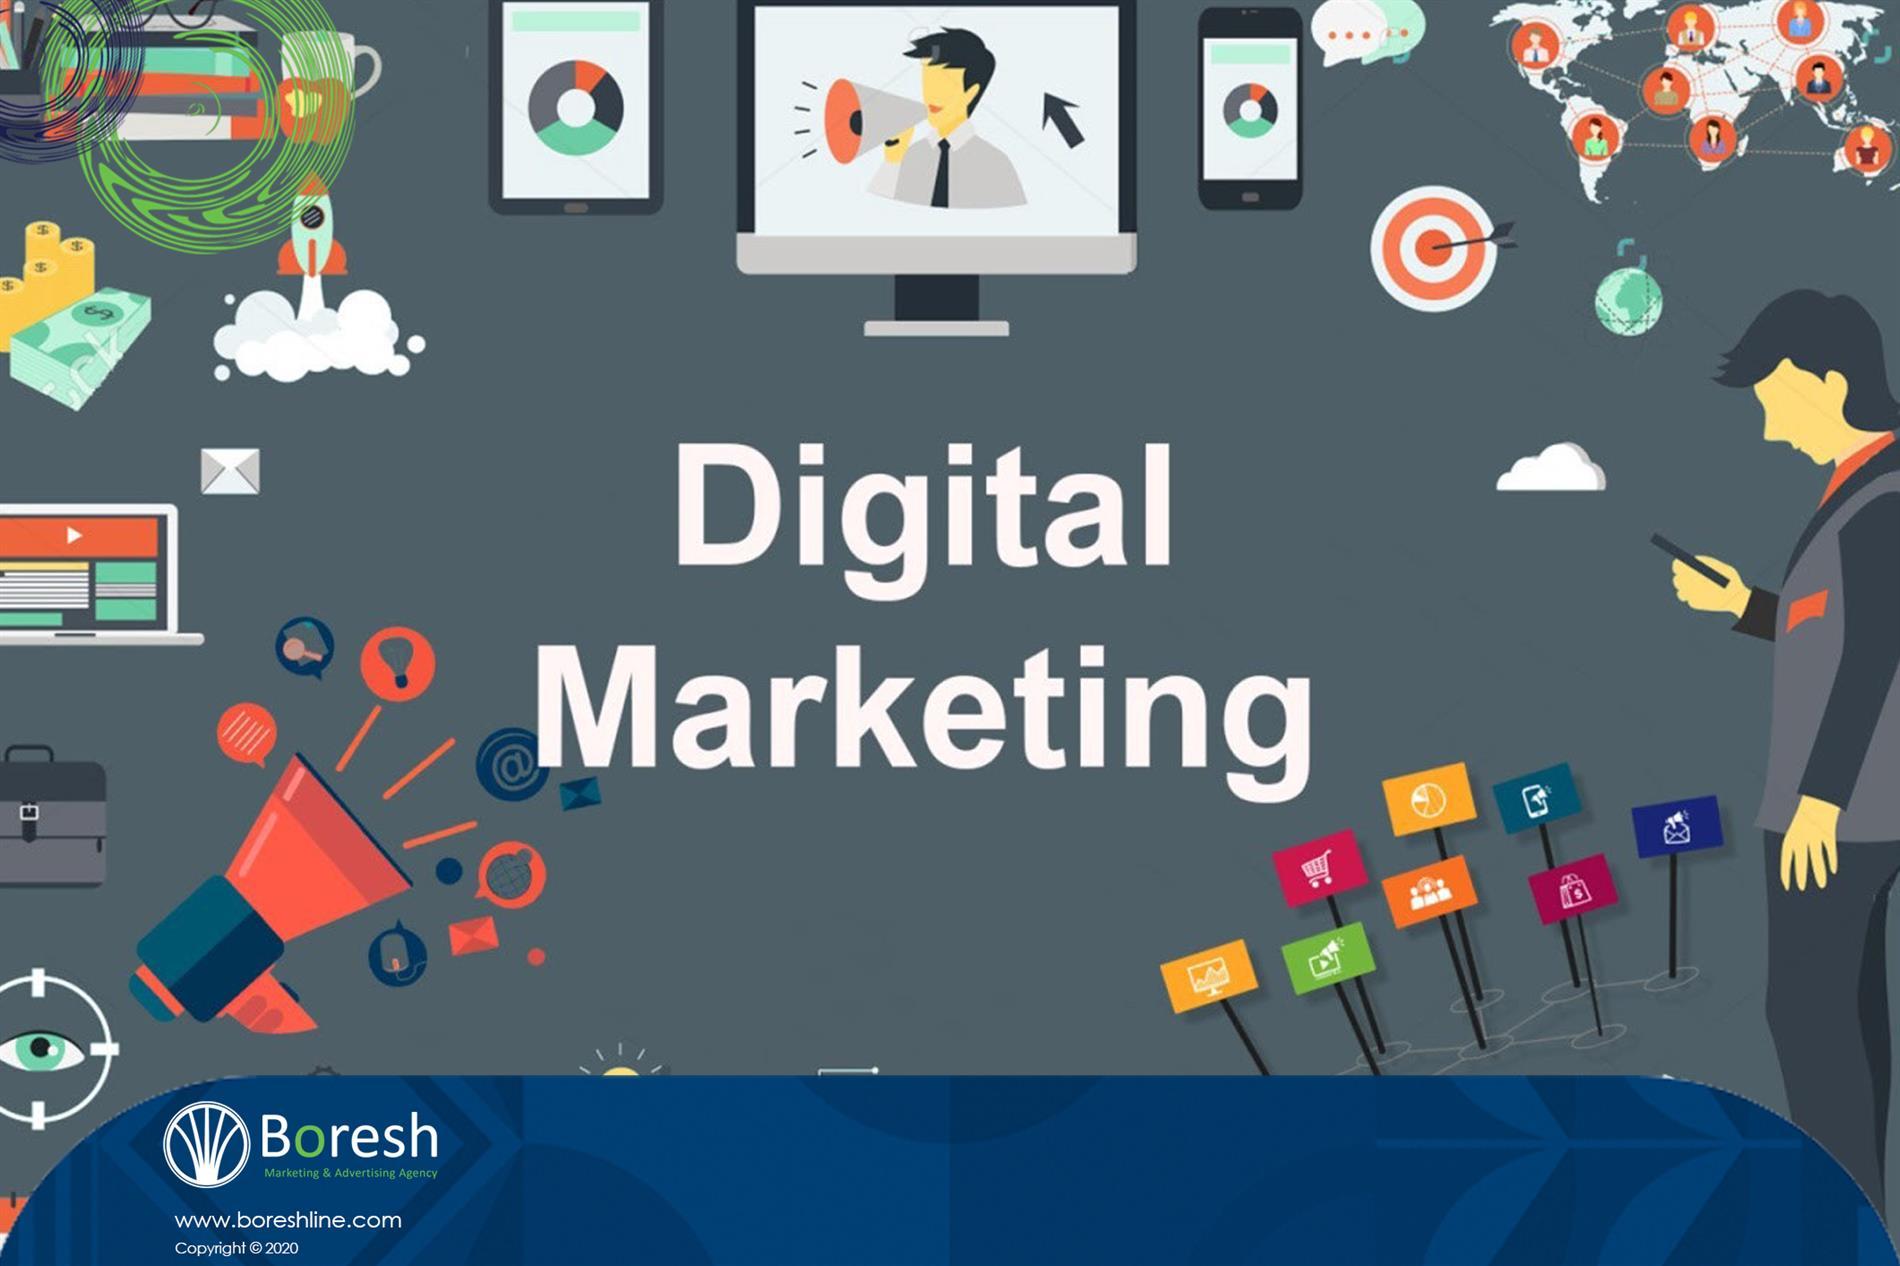 انواع  بازاریابی دیجیتال - گروه برندسازی، تبلیغات،بازاریابی و توسعه کسب و کار برش